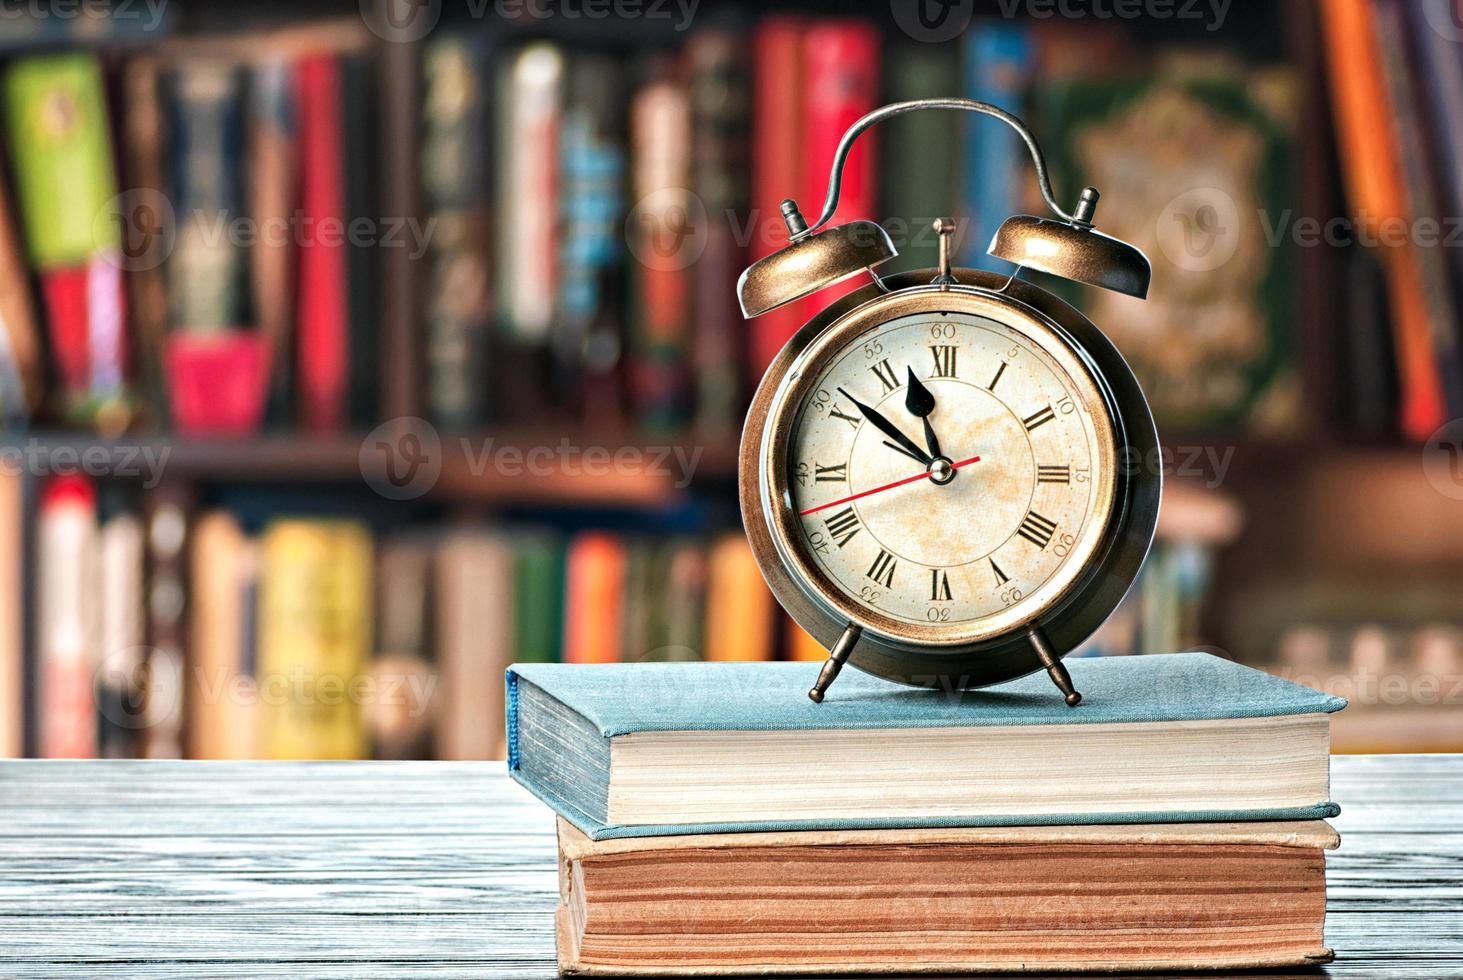 livres et réveil photo